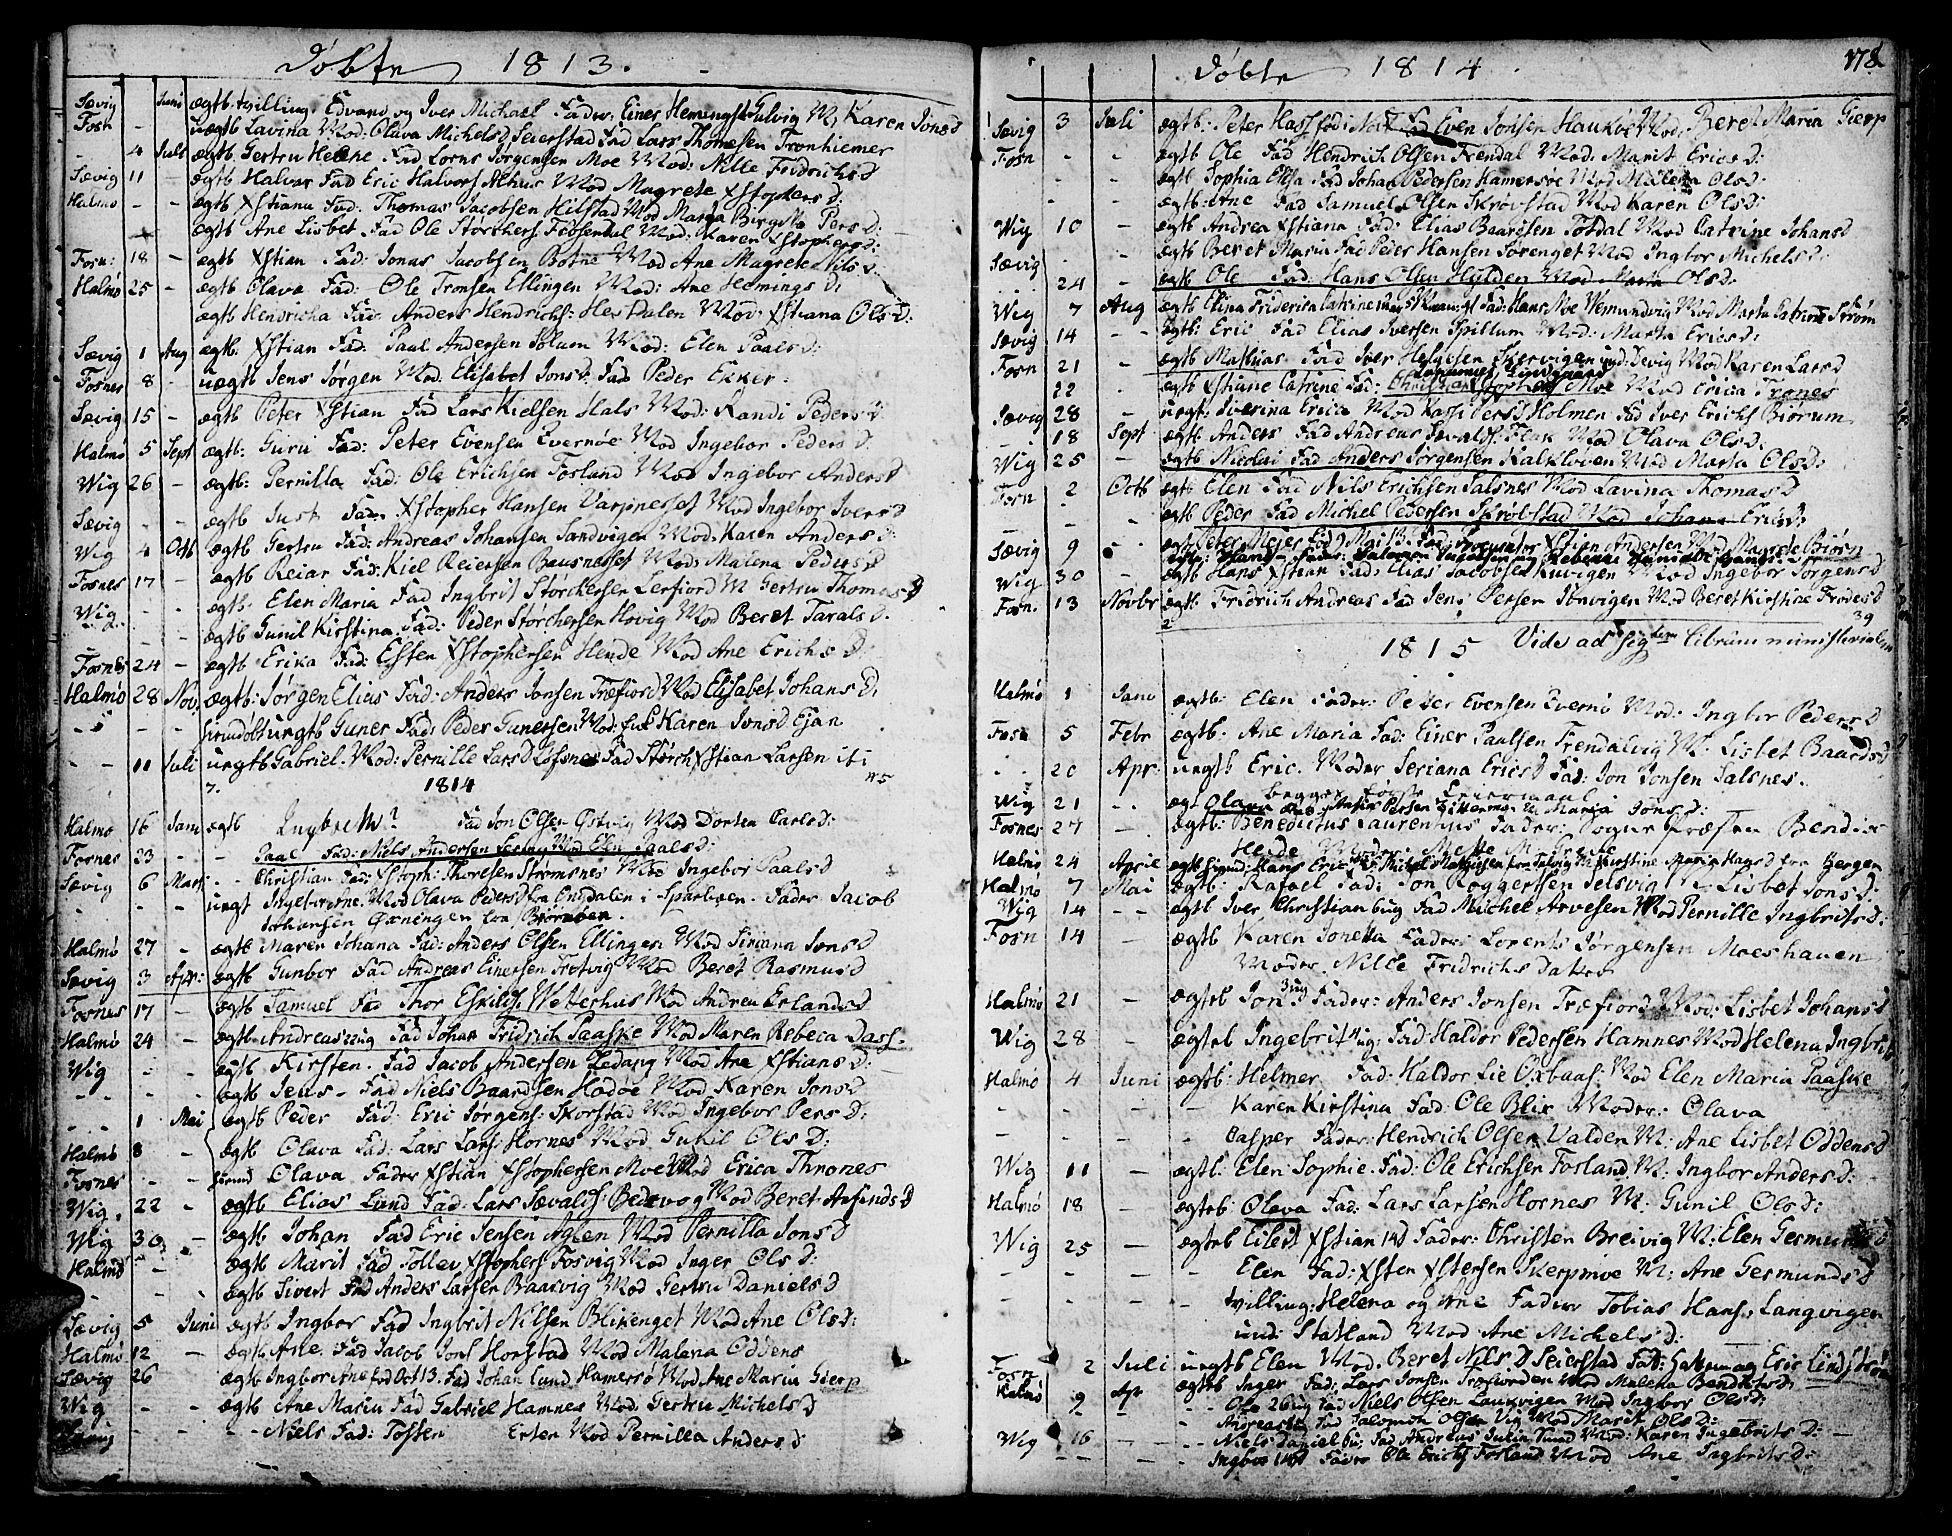 SAT, Ministerialprotokoller, klokkerbøker og fødselsregistre - Nord-Trøndelag, 773/L0608: Ministerialbok nr. 773A02, 1784-1816, s. 178